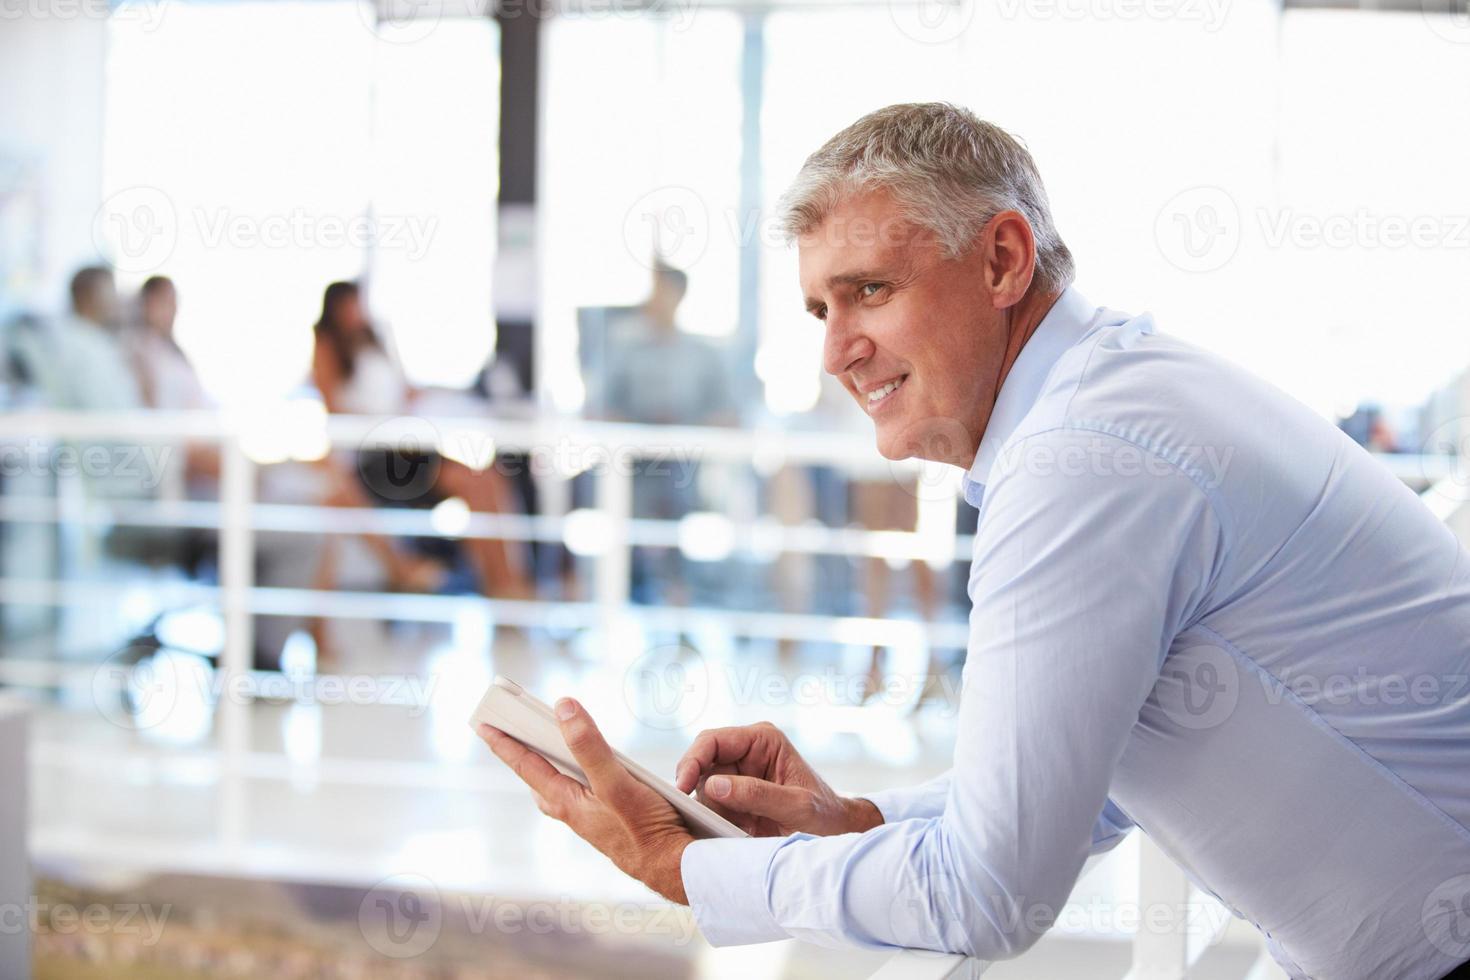 retrato de homem de meia idade no escritório usando tablet foto